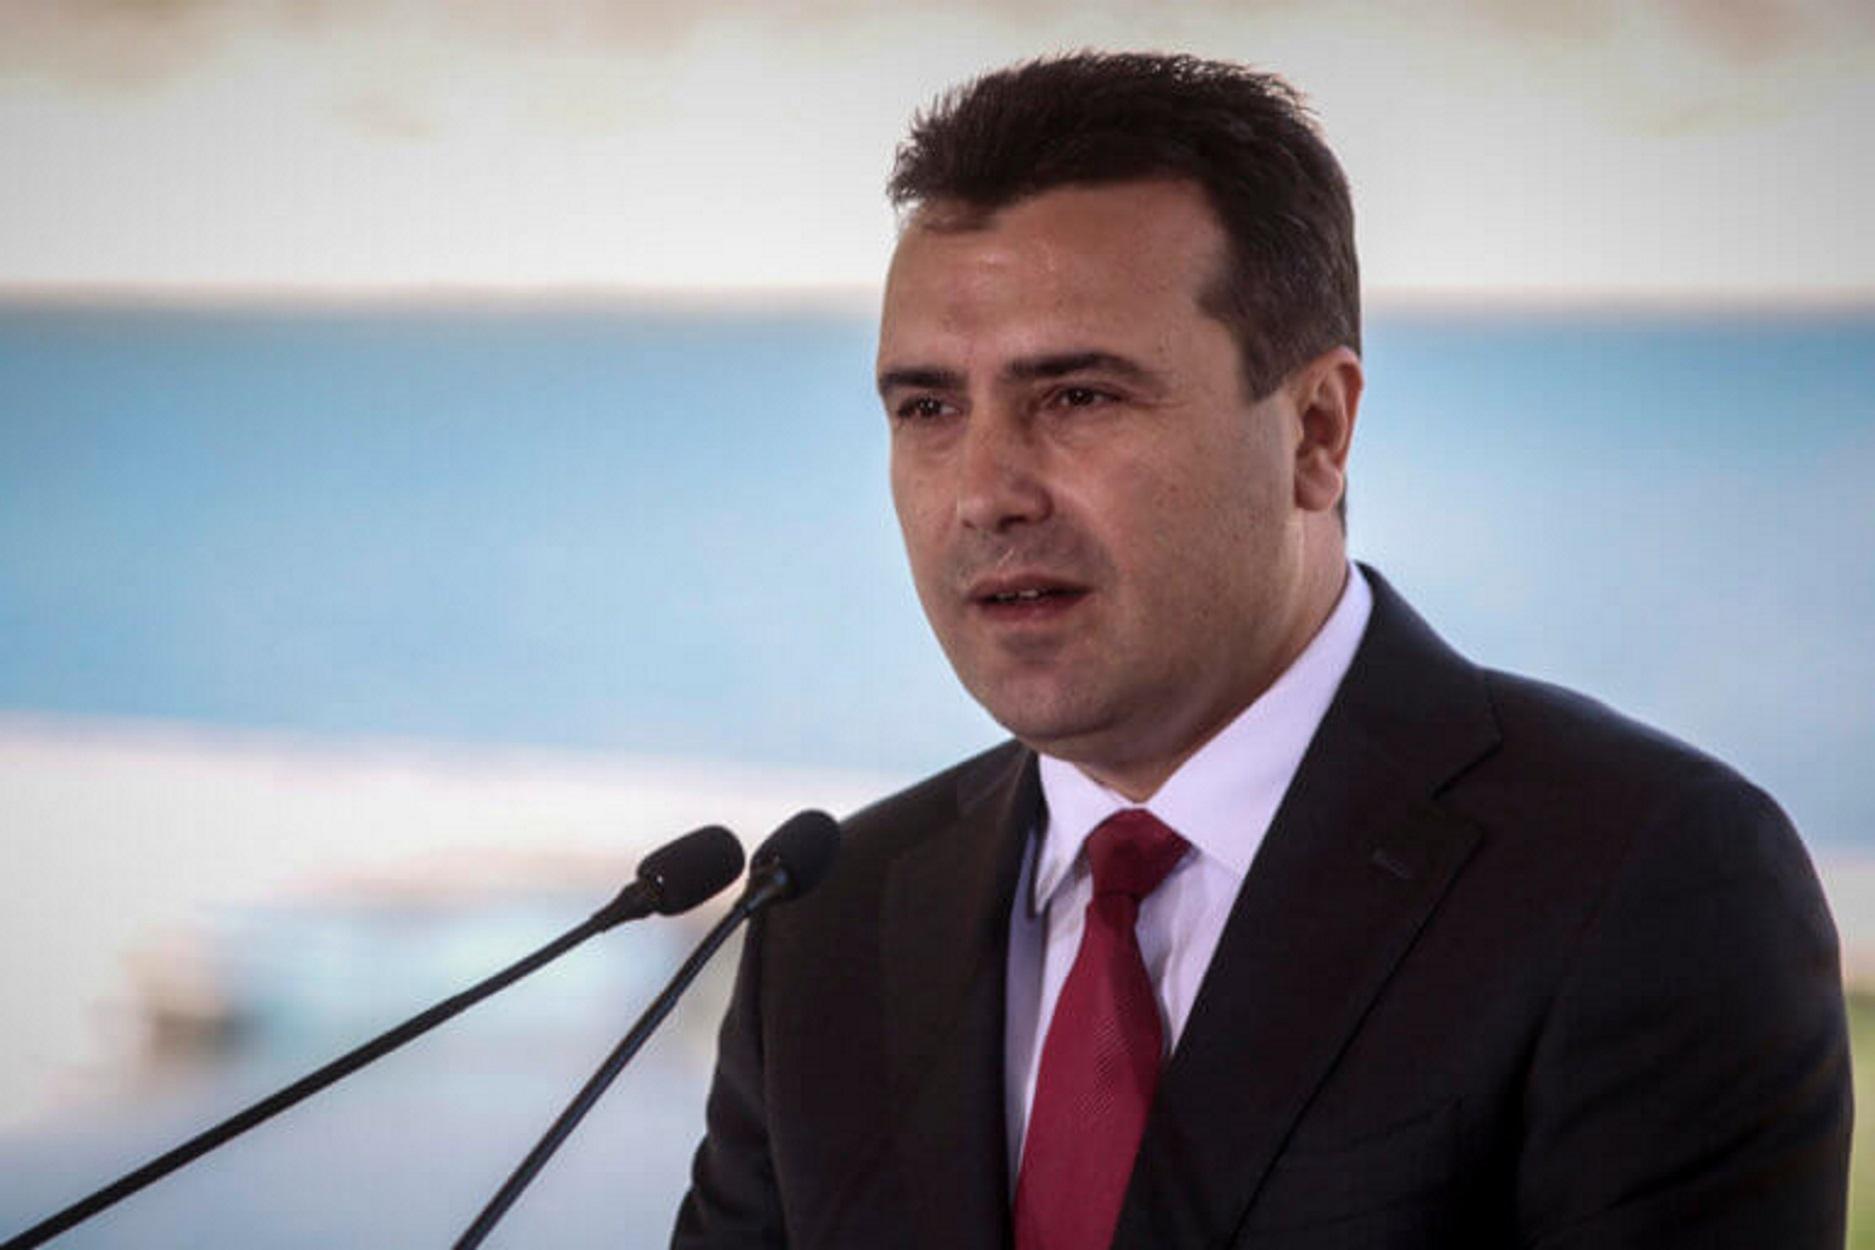 Ο Ζάεφ ζητά από την ποδοσφαιρική ομοσπονδία της Βόρειας Μακεδονίας να αλλάξει όνομα